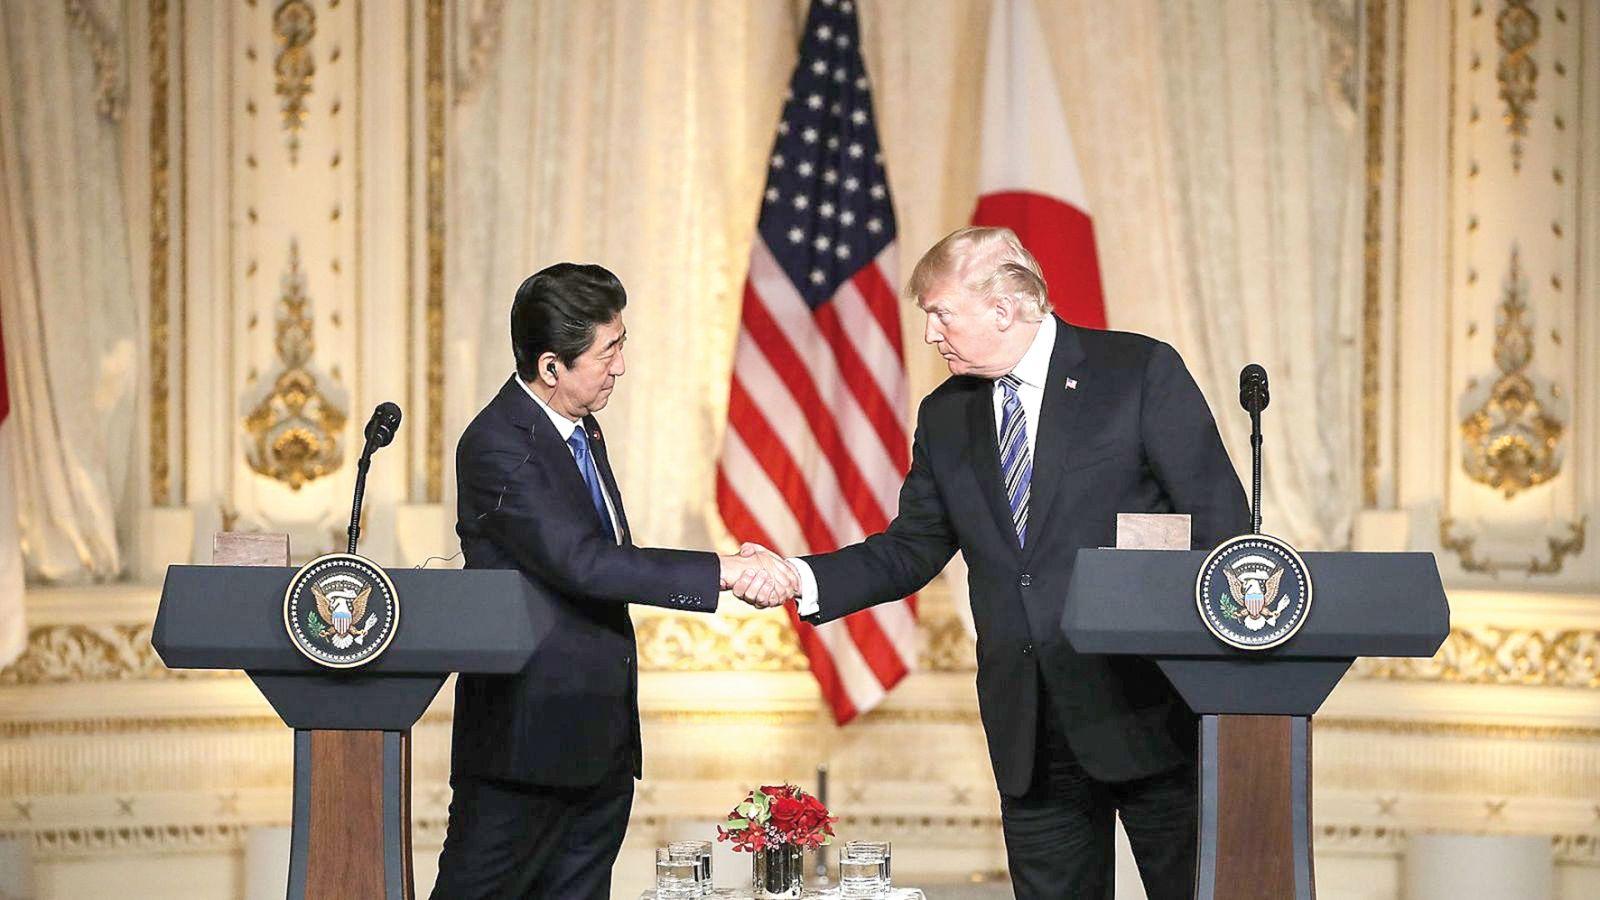 Thủ tướng Abe (trái) và Tổng thống Trump tại cuộc họp báo chung. Ảnh: AP